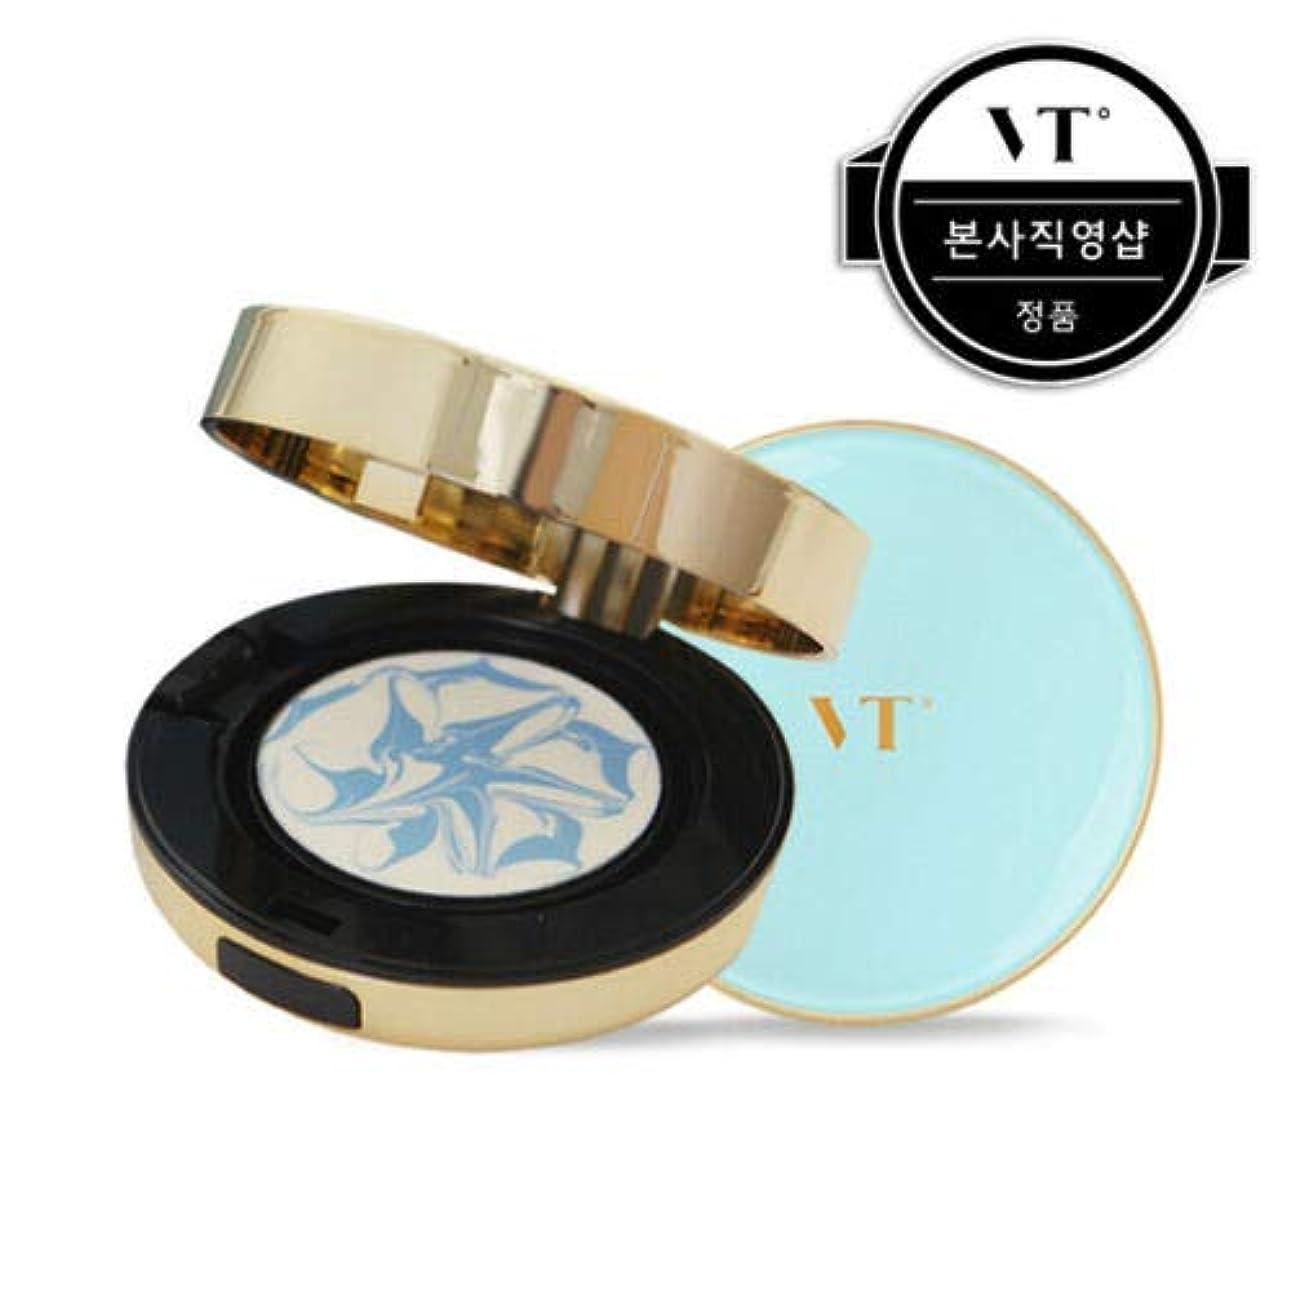 プレゼンターフラッシュのように素早くリングバックVT Cosmetic Essence Sun Pact エッセンス サン パクト 本品11g + リフィール 11g, SPF50+/PA+++